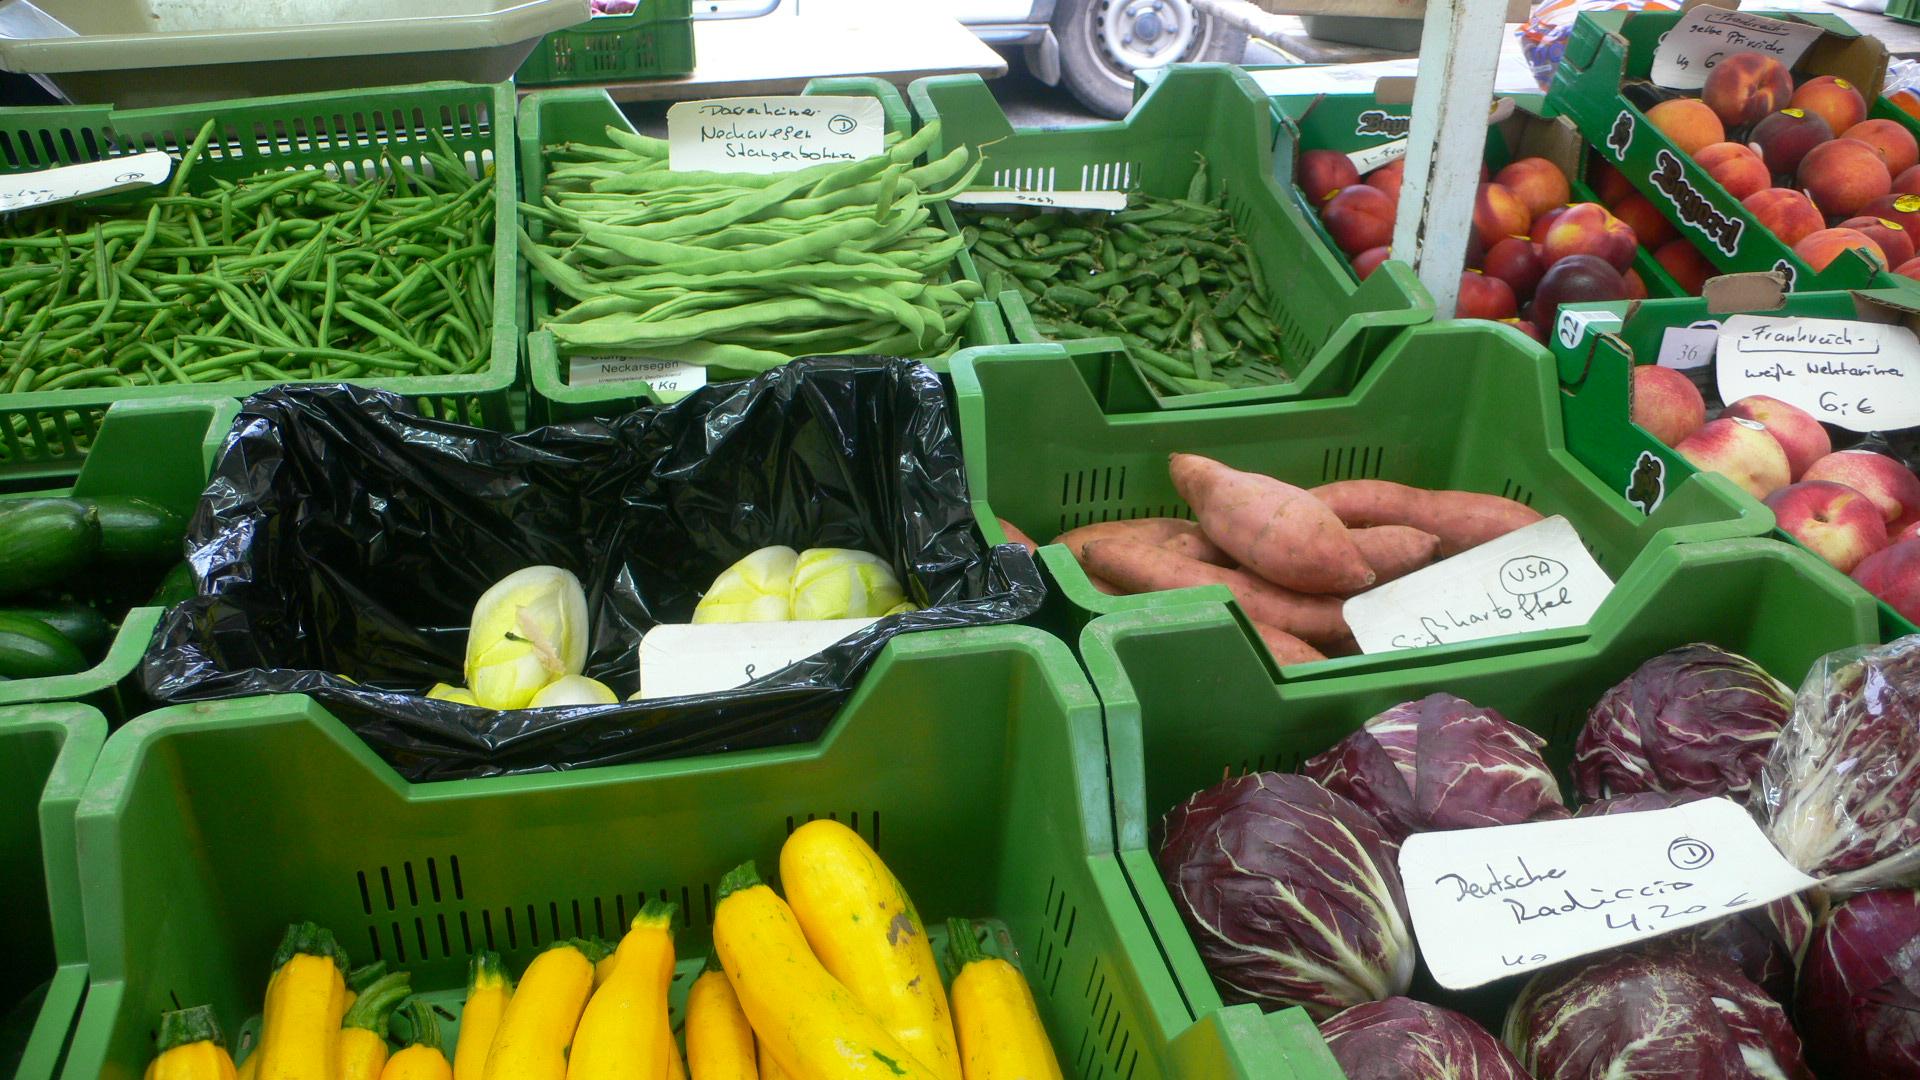 Gemüse am Stand der Gärtnerei Ernst